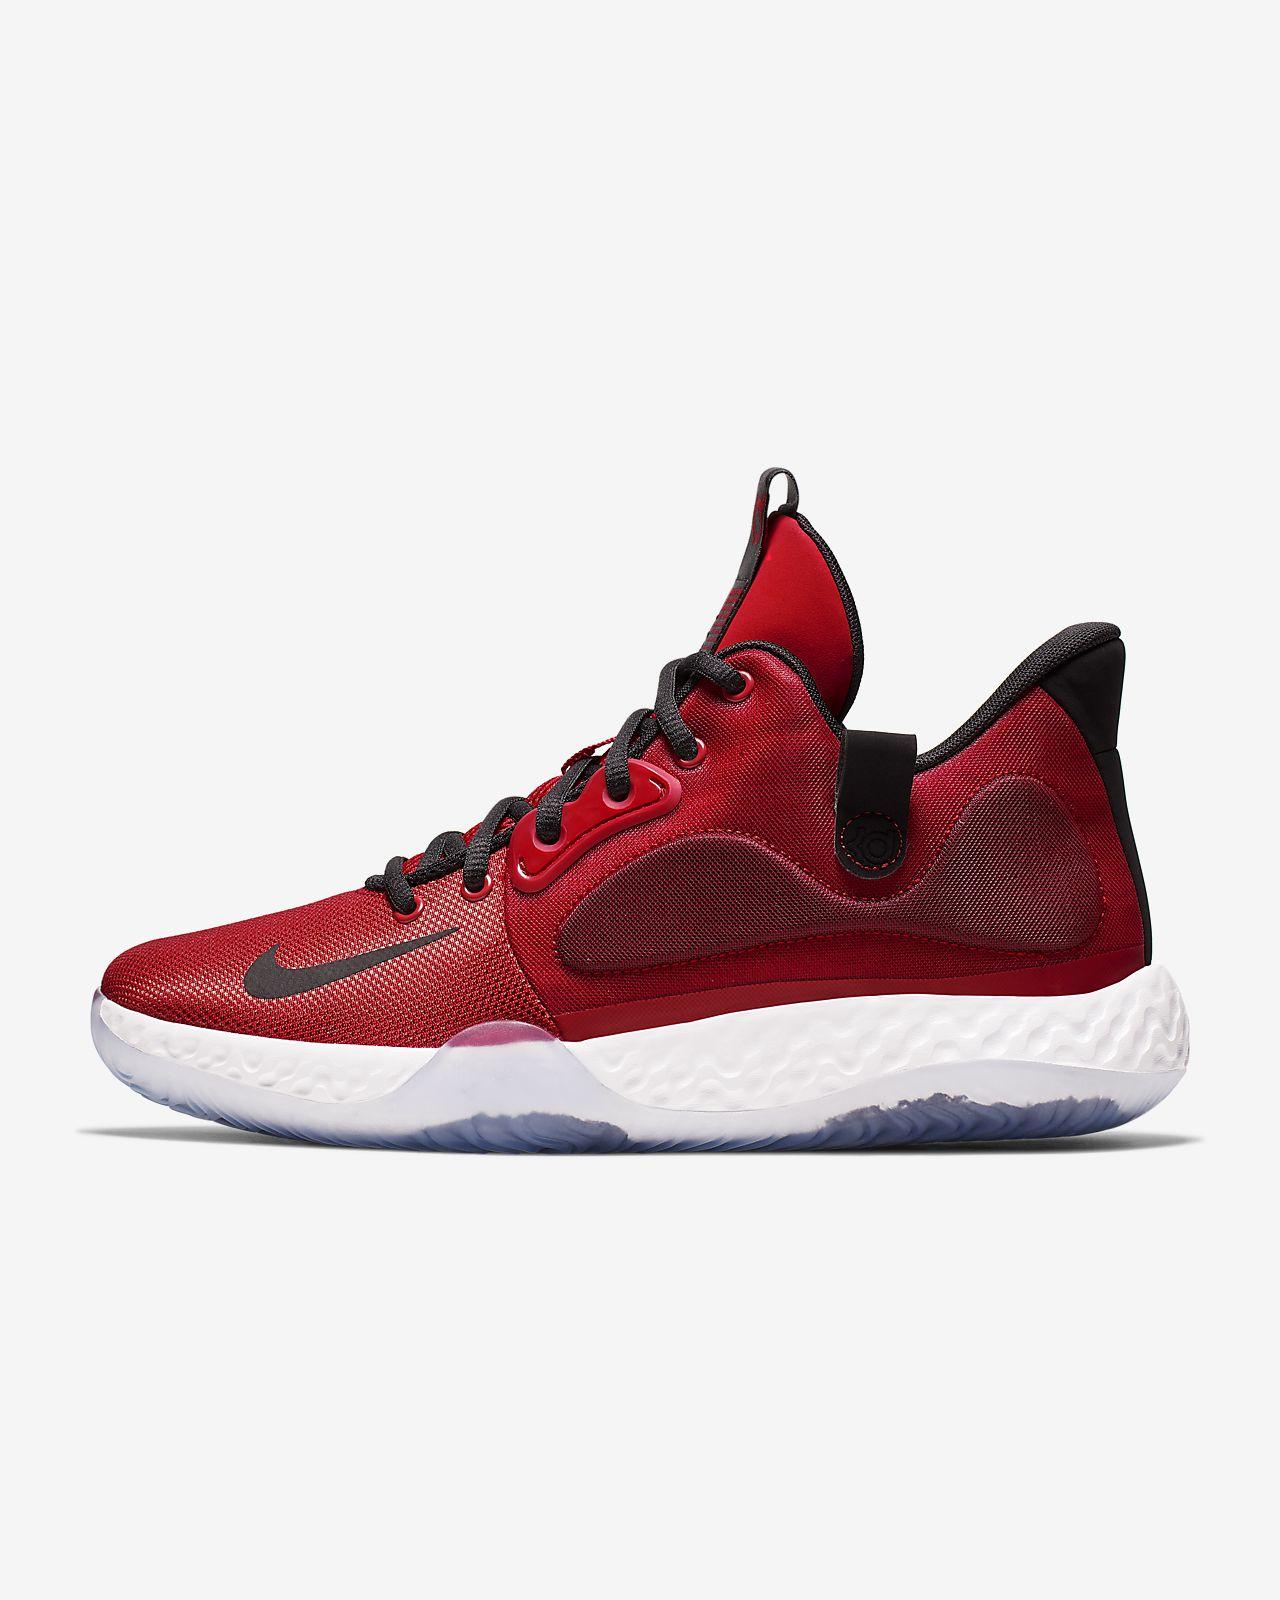 Chaussure KD Trey 5 VII